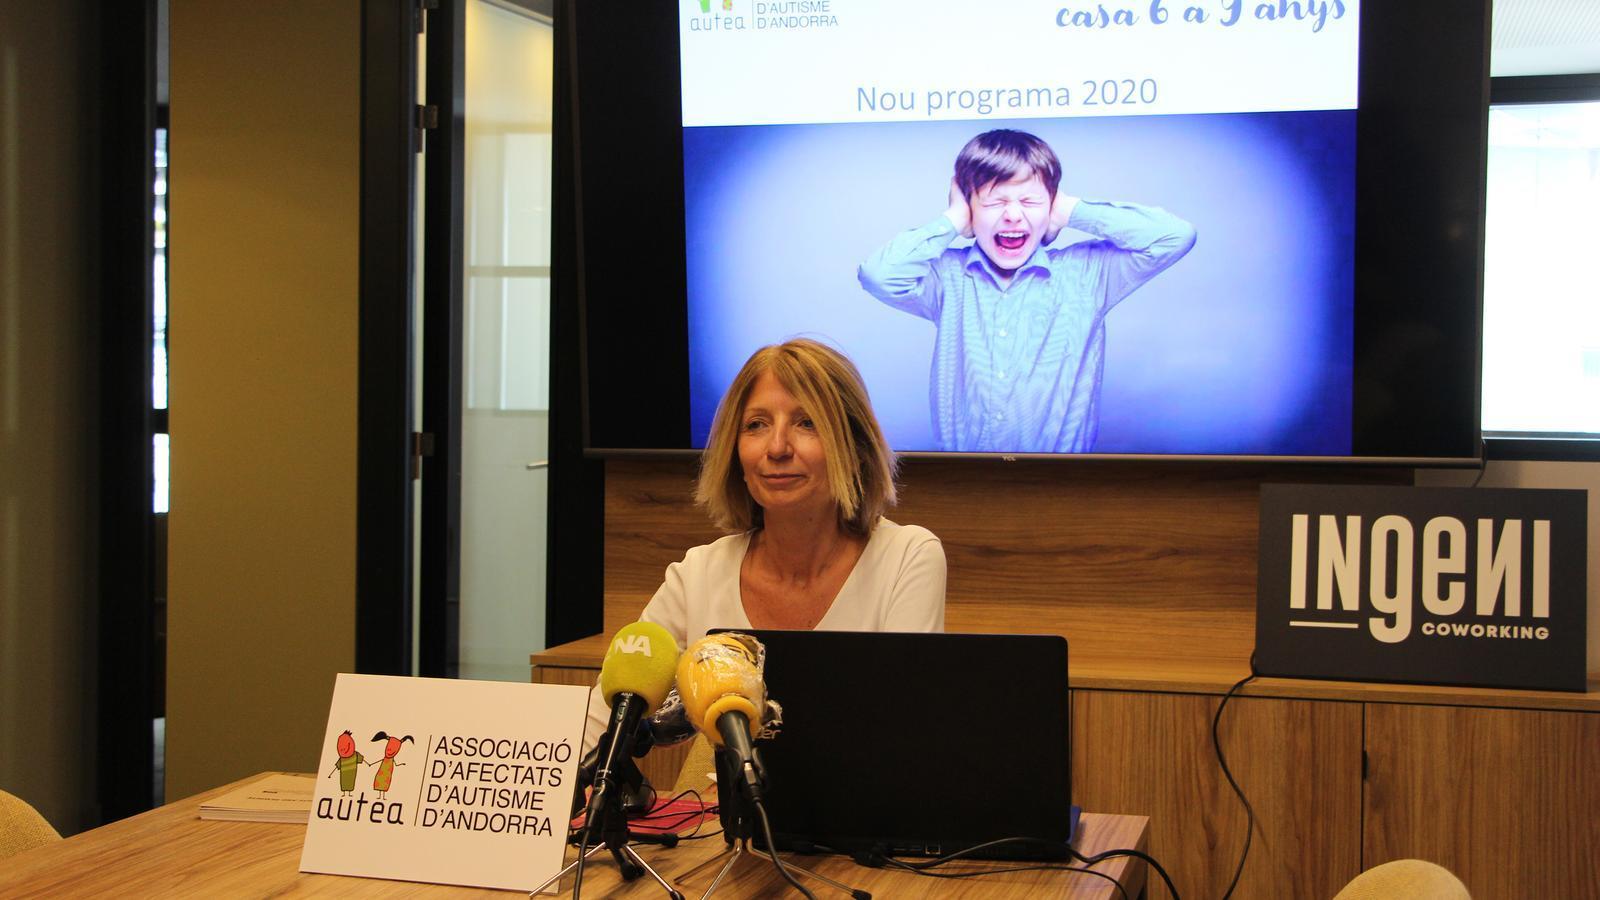 La presidenta d'Autea, Inés Martí, durant la presentació del nou programa. / A. S. (ANA)